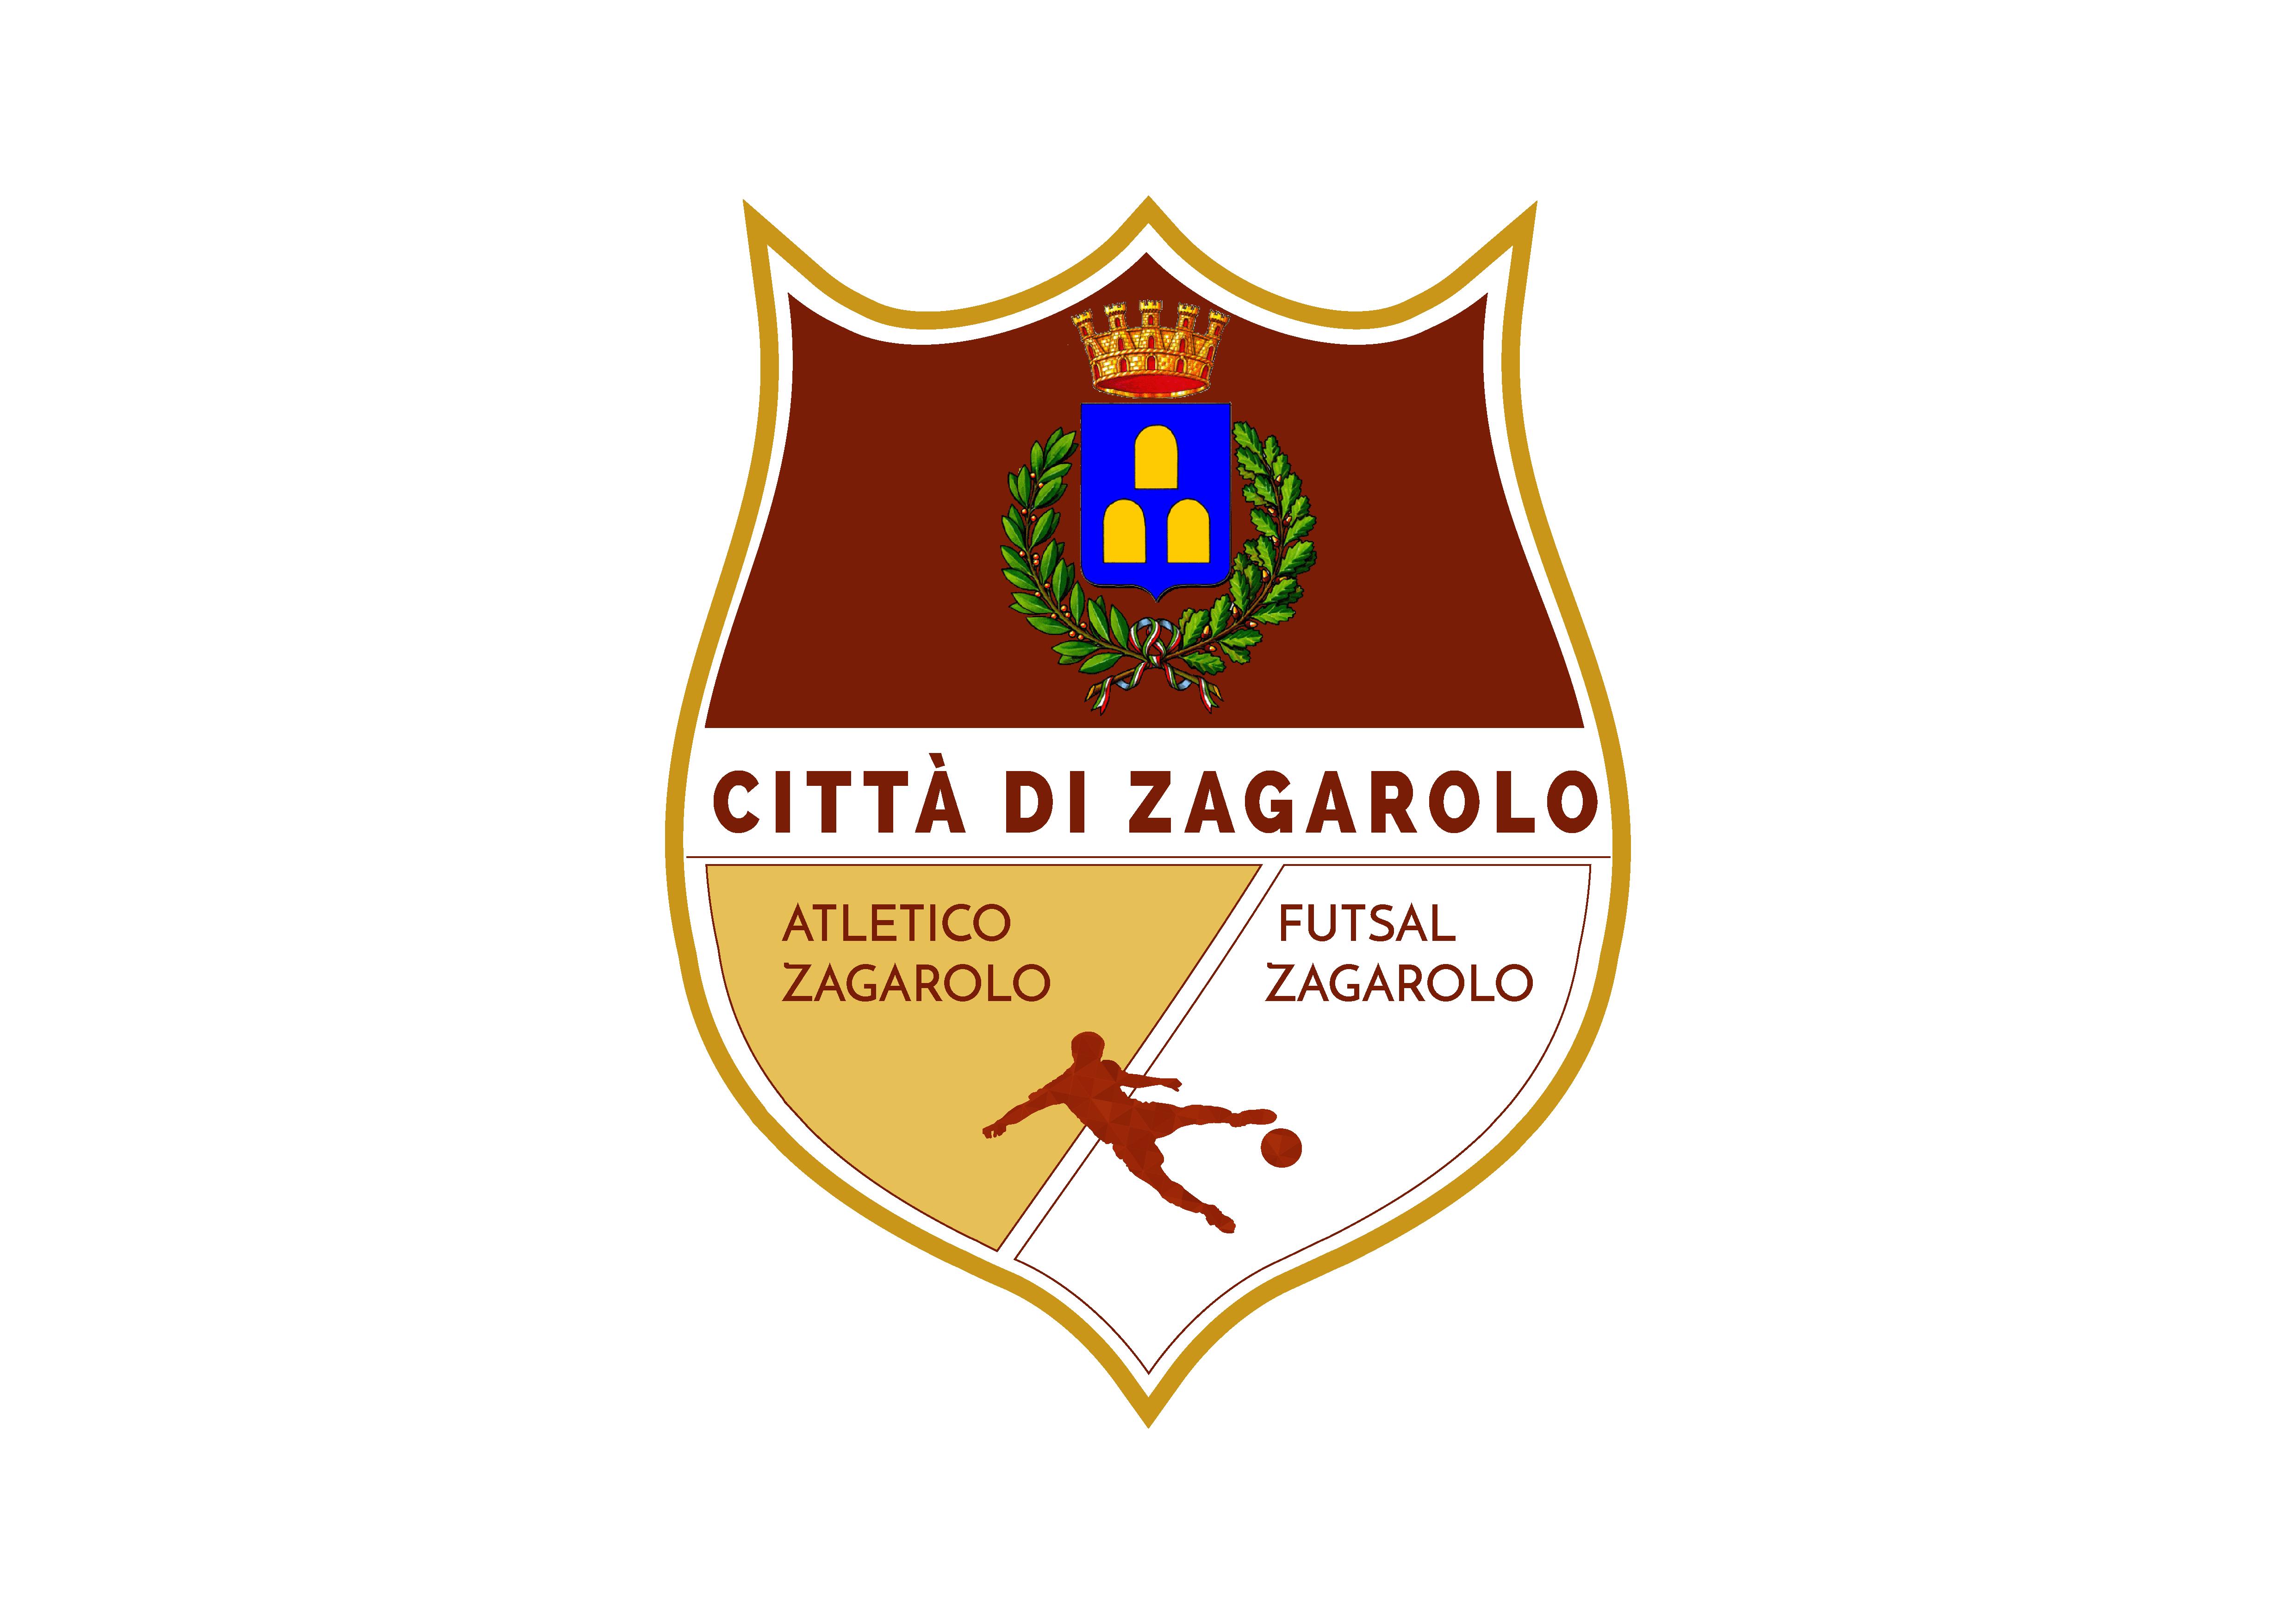 CITTA DI ZAGAROLO